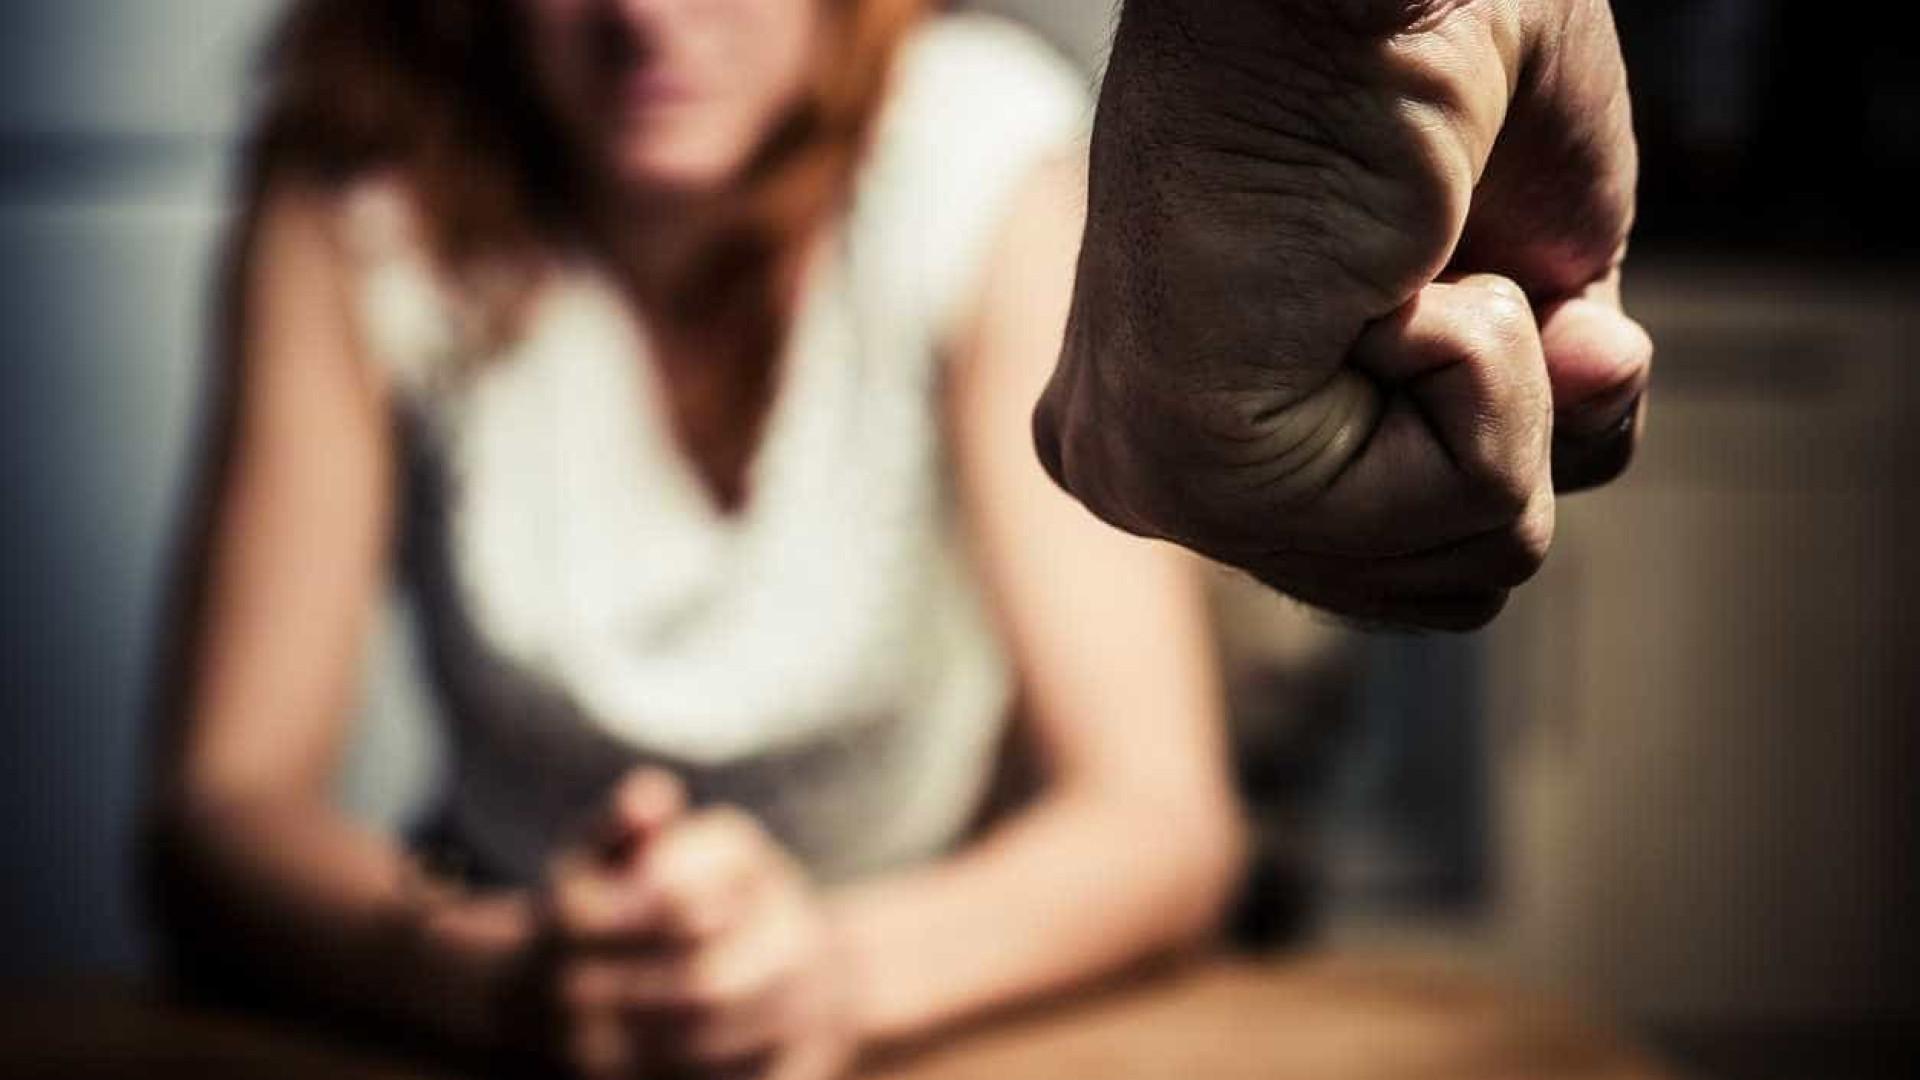 Protocolo para formação sobre violência doméstica assinado hoje